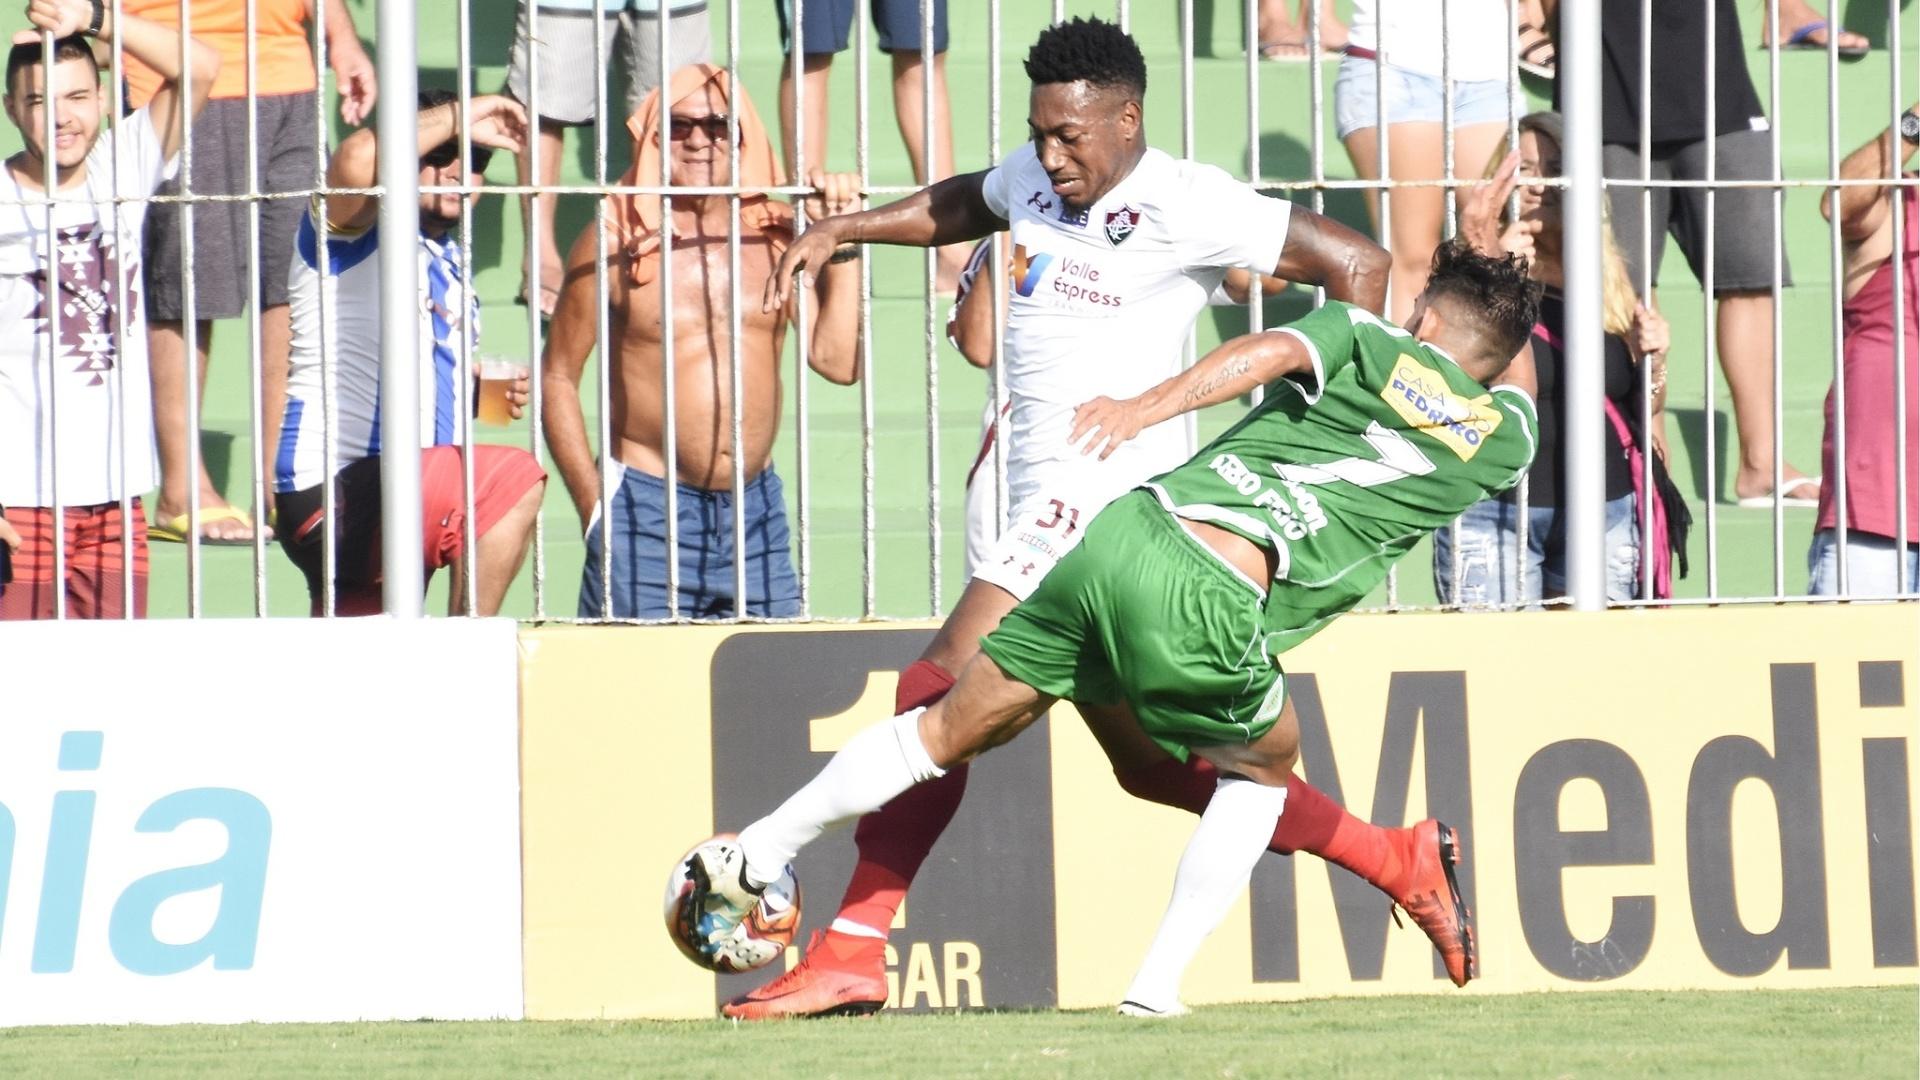 Pablo Dyego disputa a bola com Kaká Mendes no jogo do Flu contra a Cabofriense, no Carioca